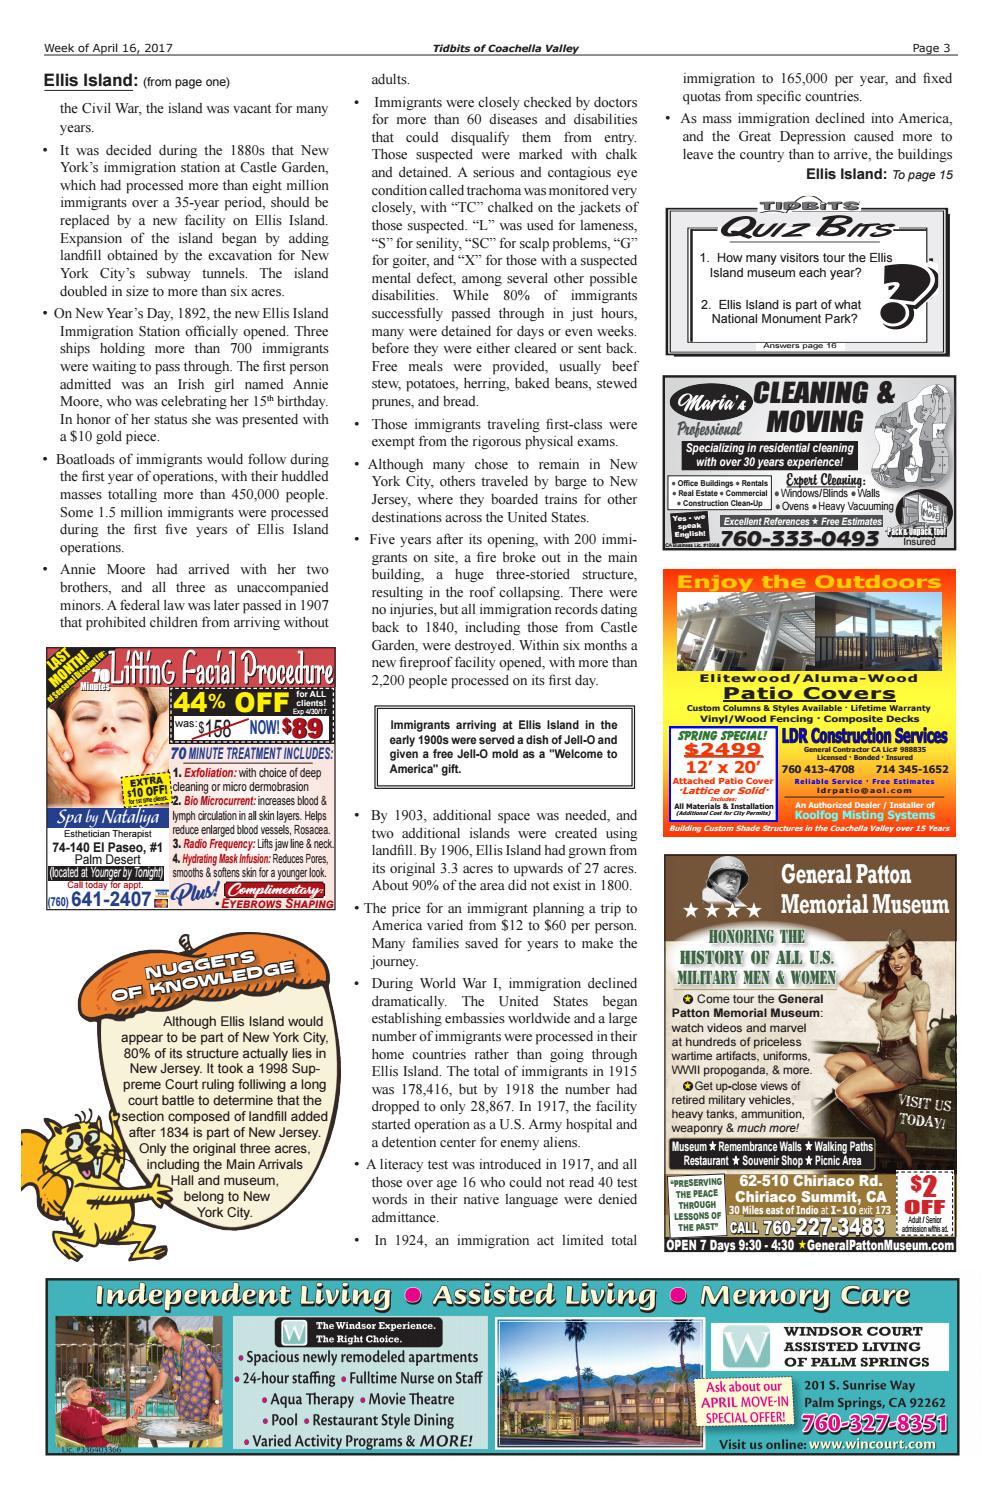 Vol  13: #16 • Ellis Island • (4/16/17) Tidbits of Coachella